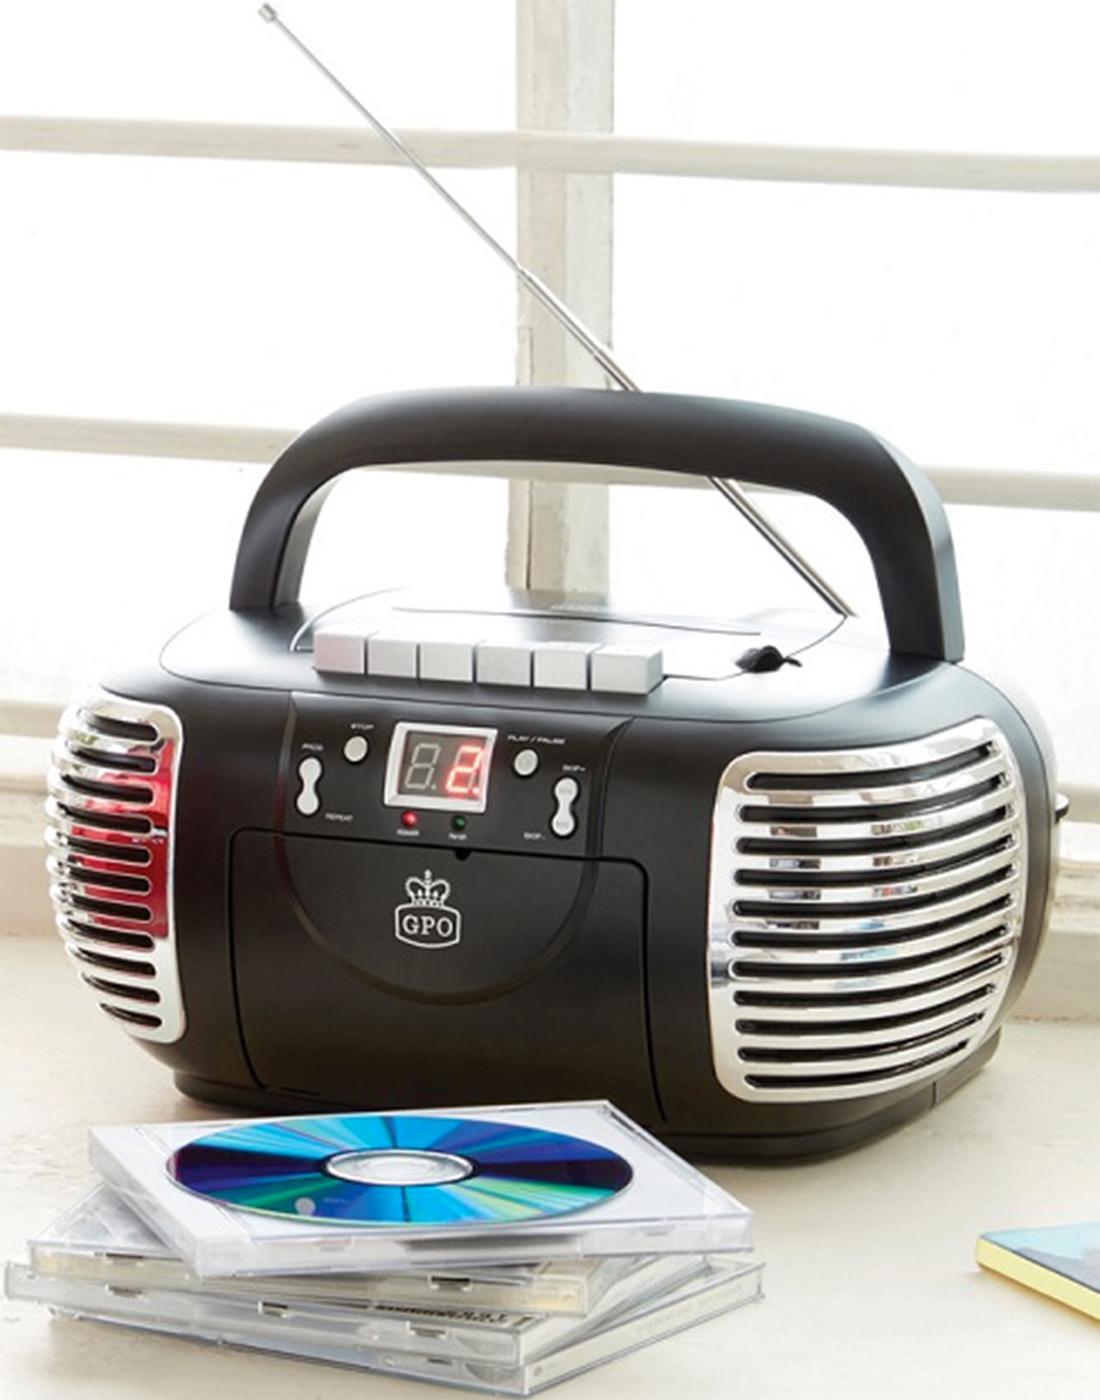 GPO RETRO PCD 299 3-in-1 Cassette, CD & Radio B